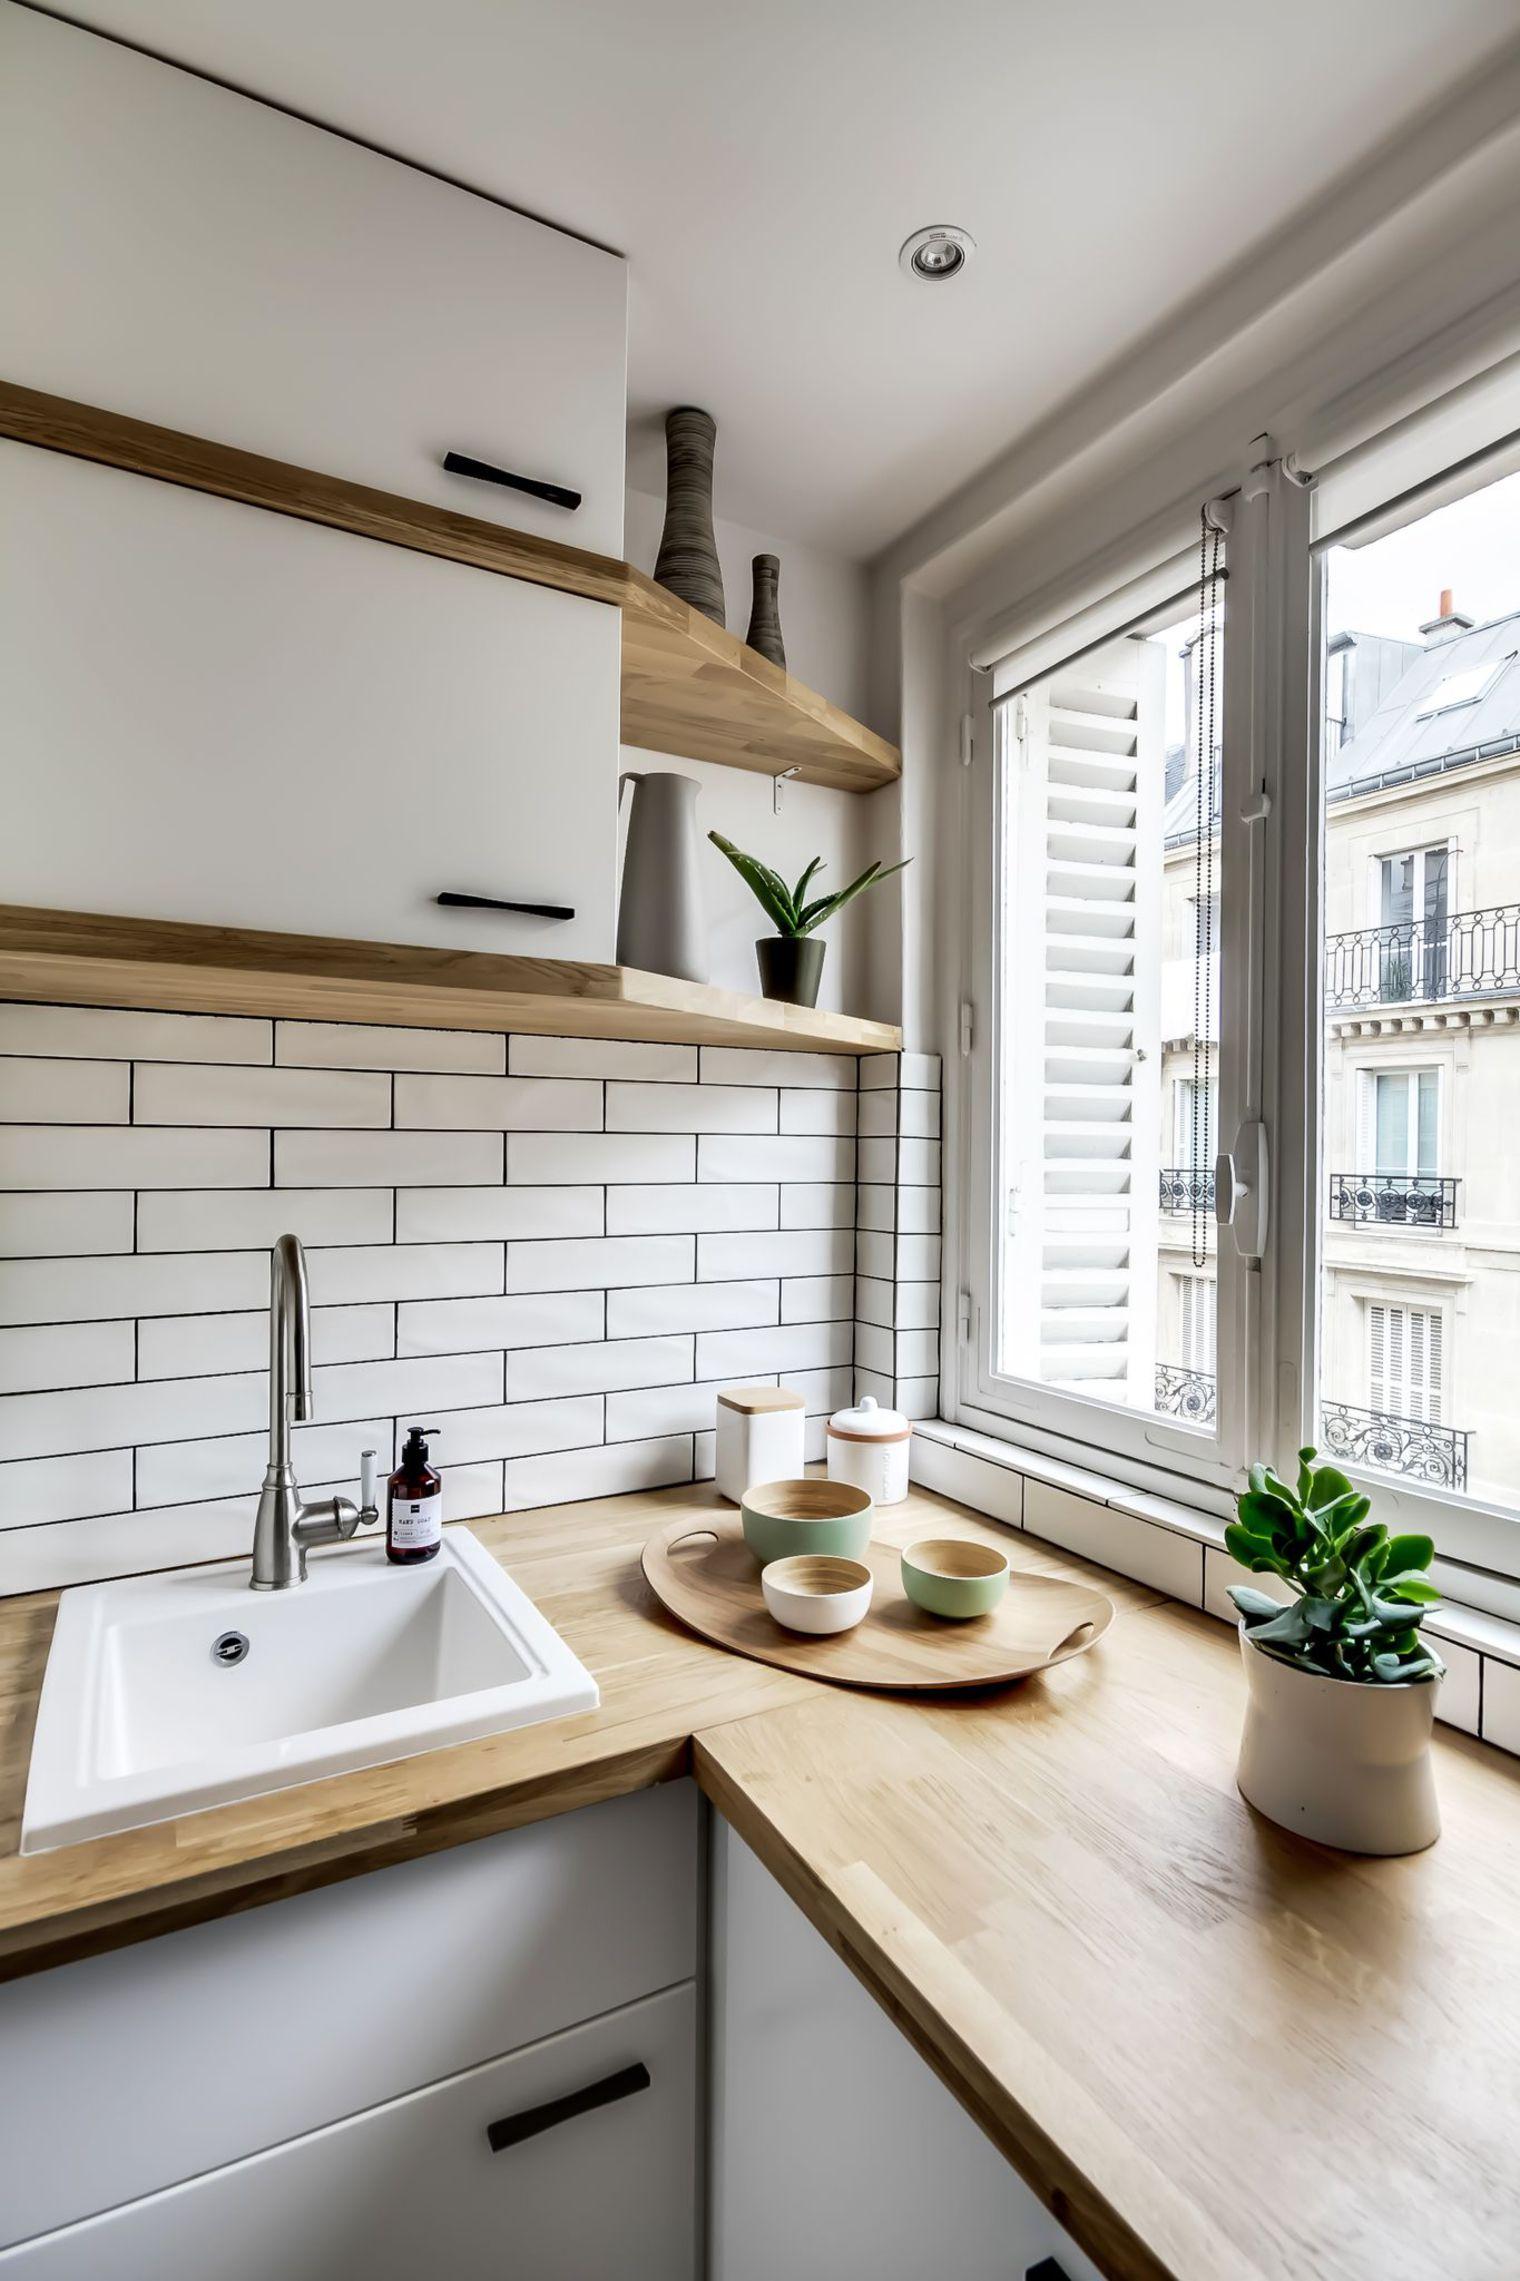 Светлое дерево в оформлении маленькой кухни